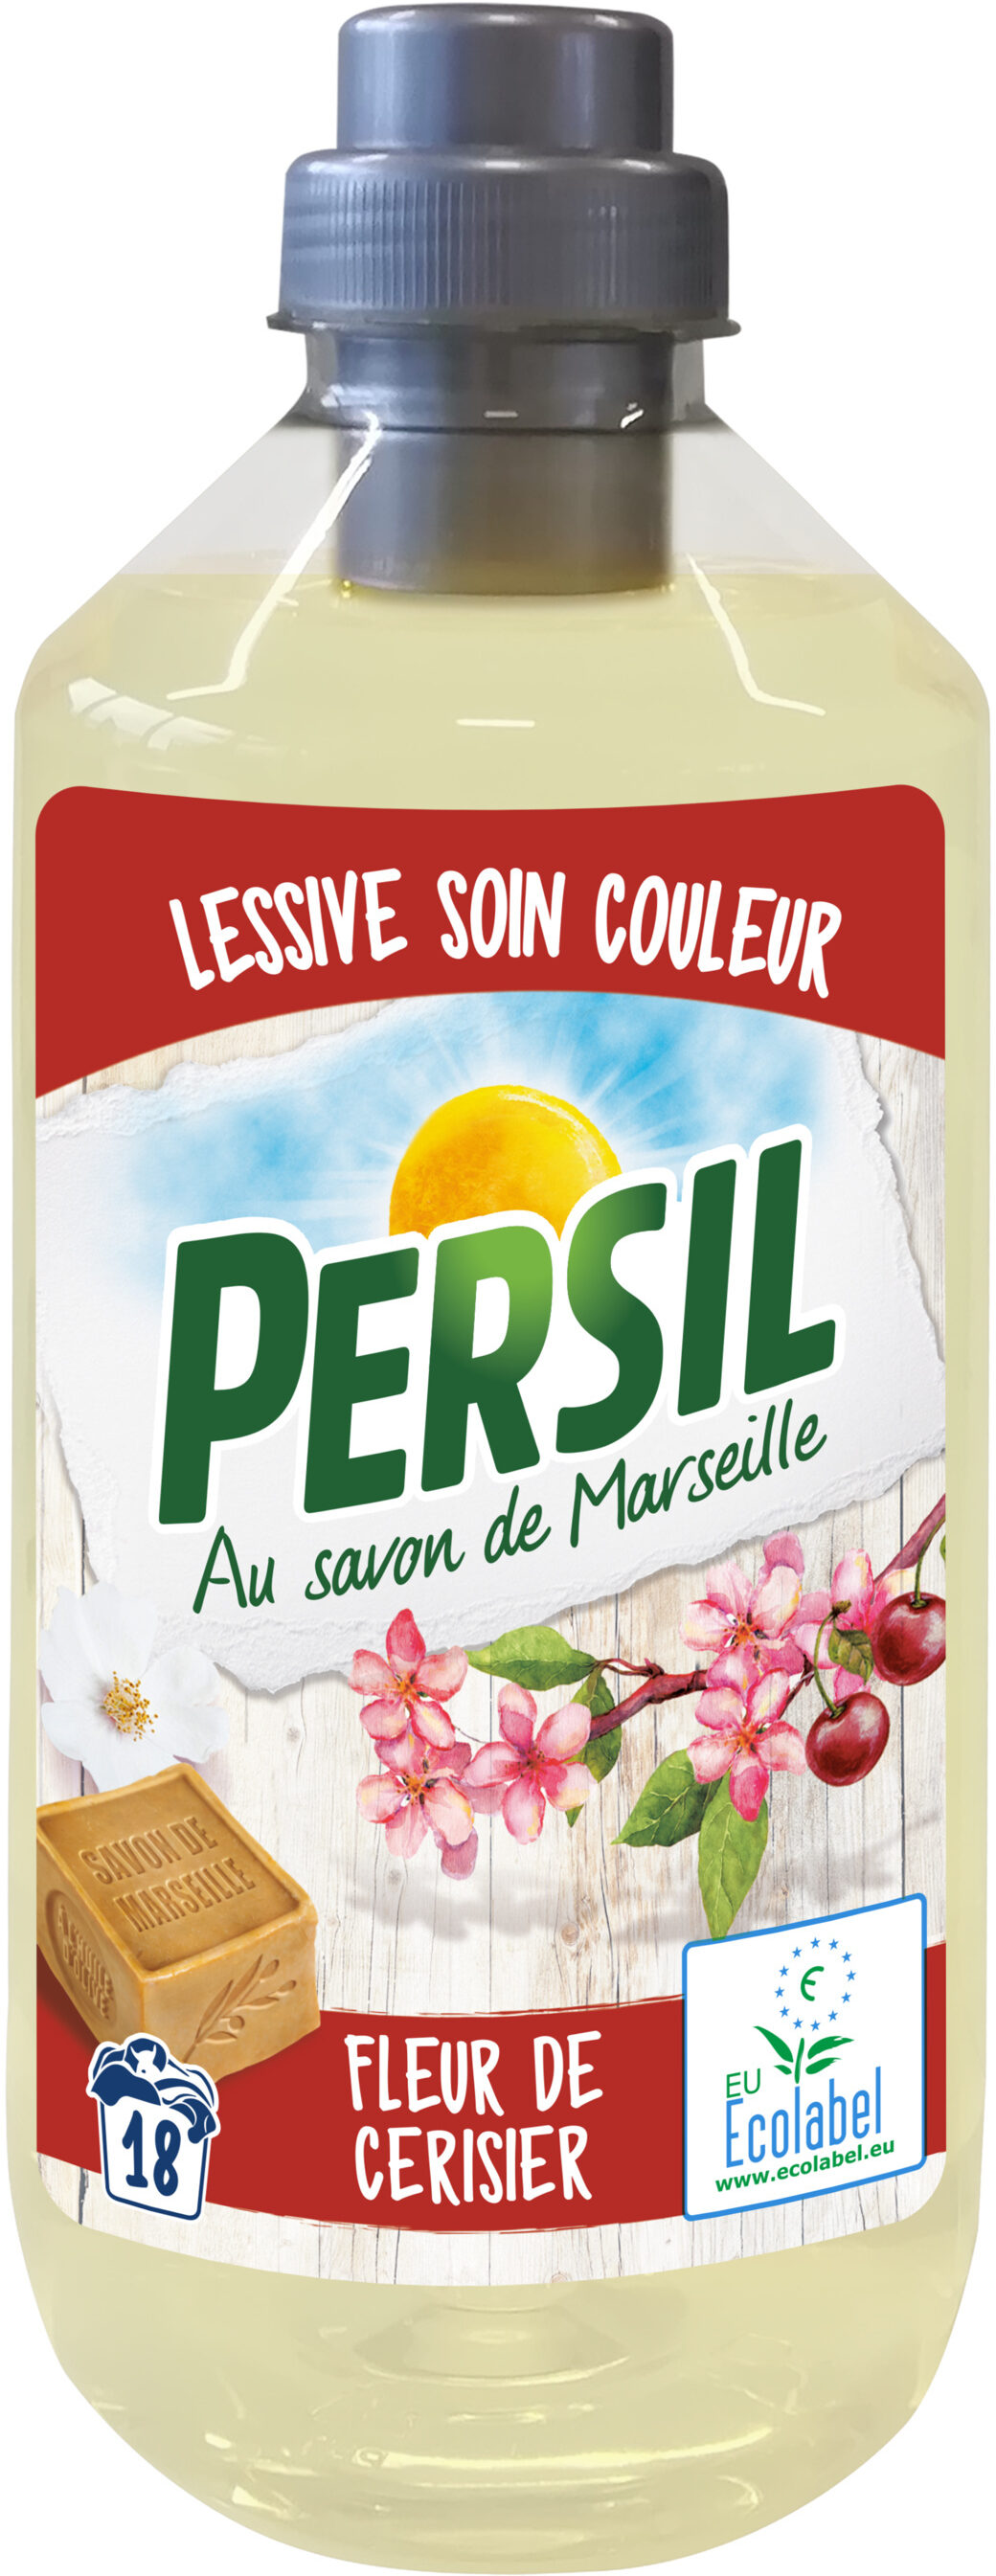 Persil Lessive Liquide Ecolabel Soin Couleurs Fleur de Cerisier 990ml 18 Lavages - Product - fr